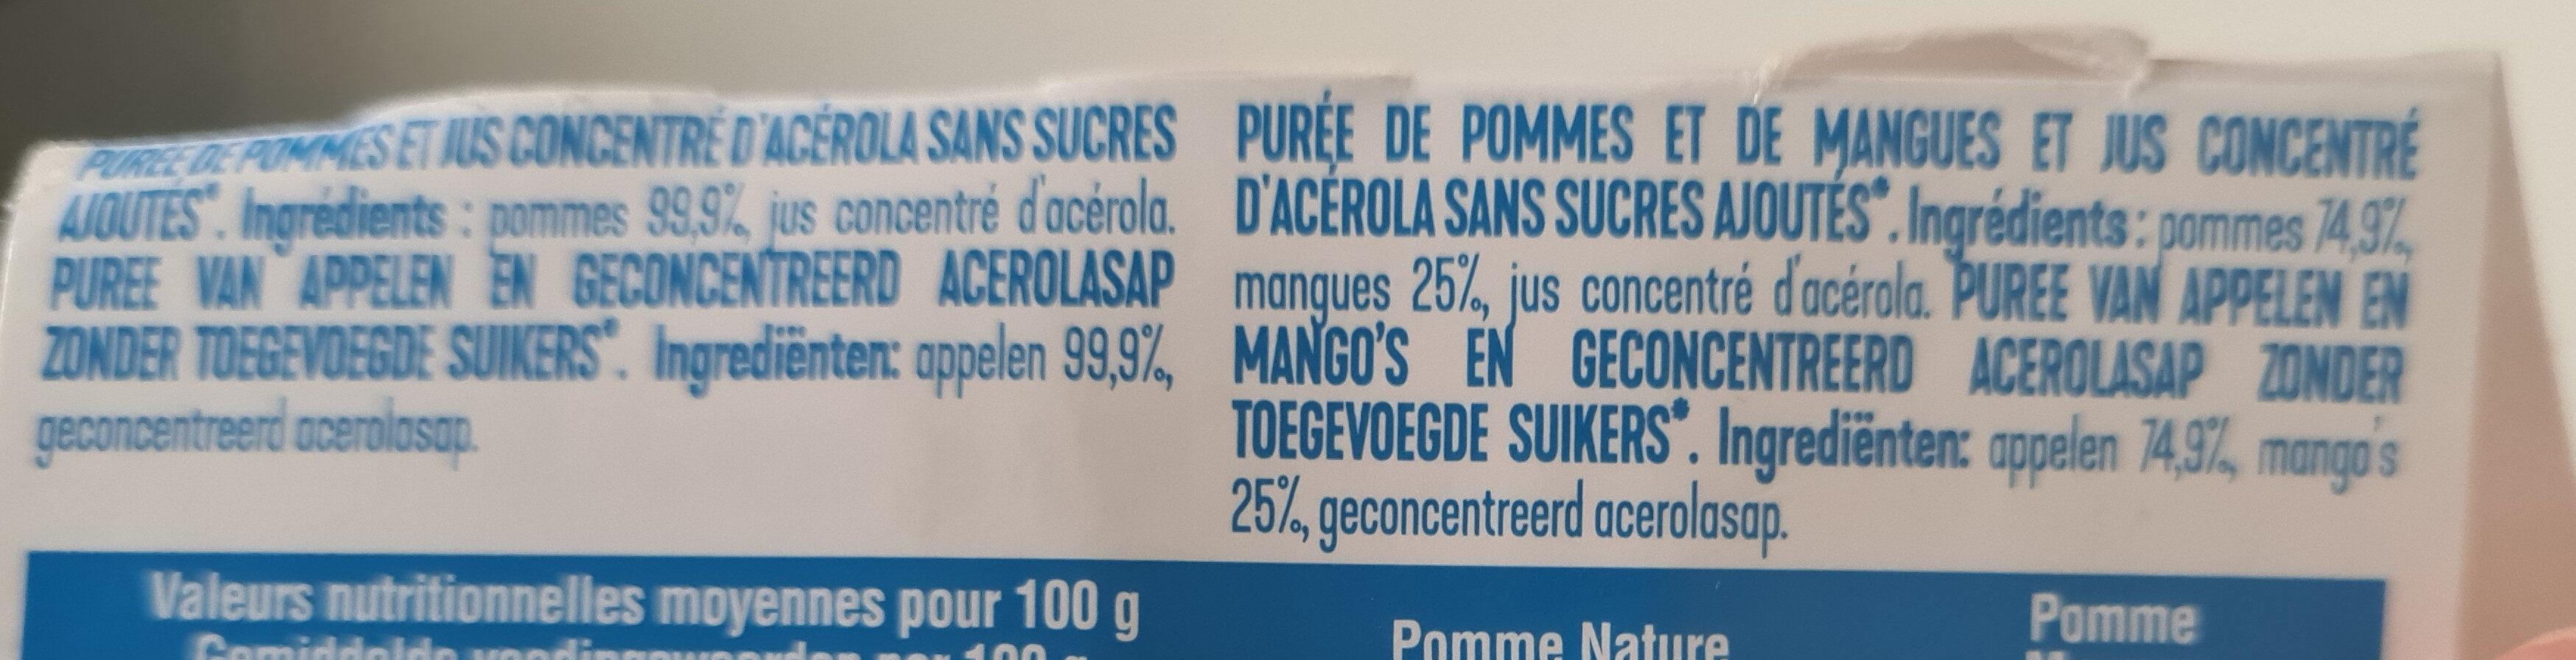 Pomme Mangue Sans Sucres Ajoutés - Ingredients - fr